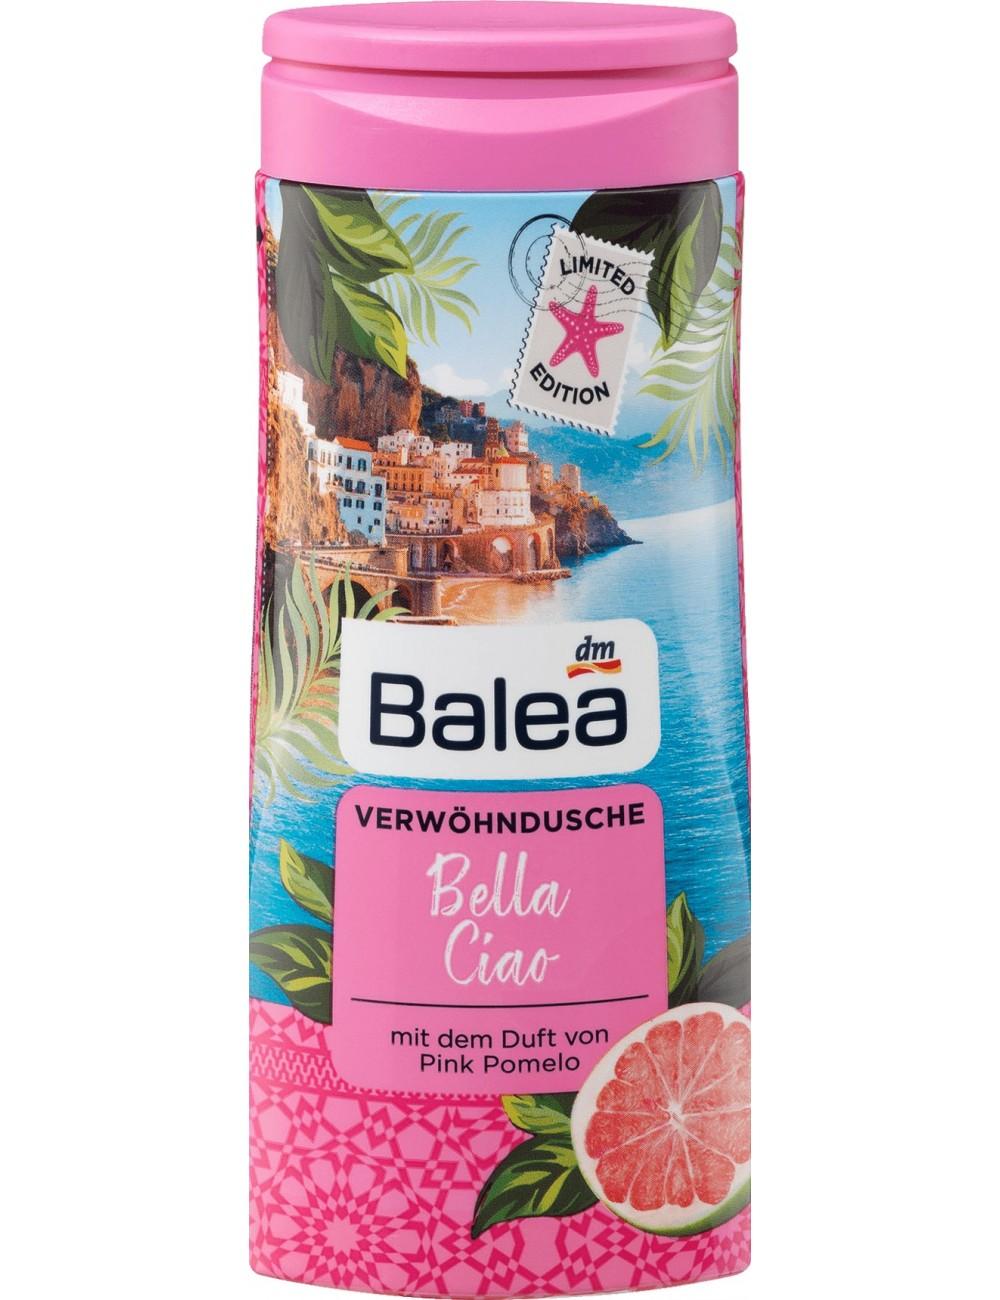 Balea Żel pod Prysznic o Zapachu Różowego Pomelo Bella Ciao 300 ml (DE)